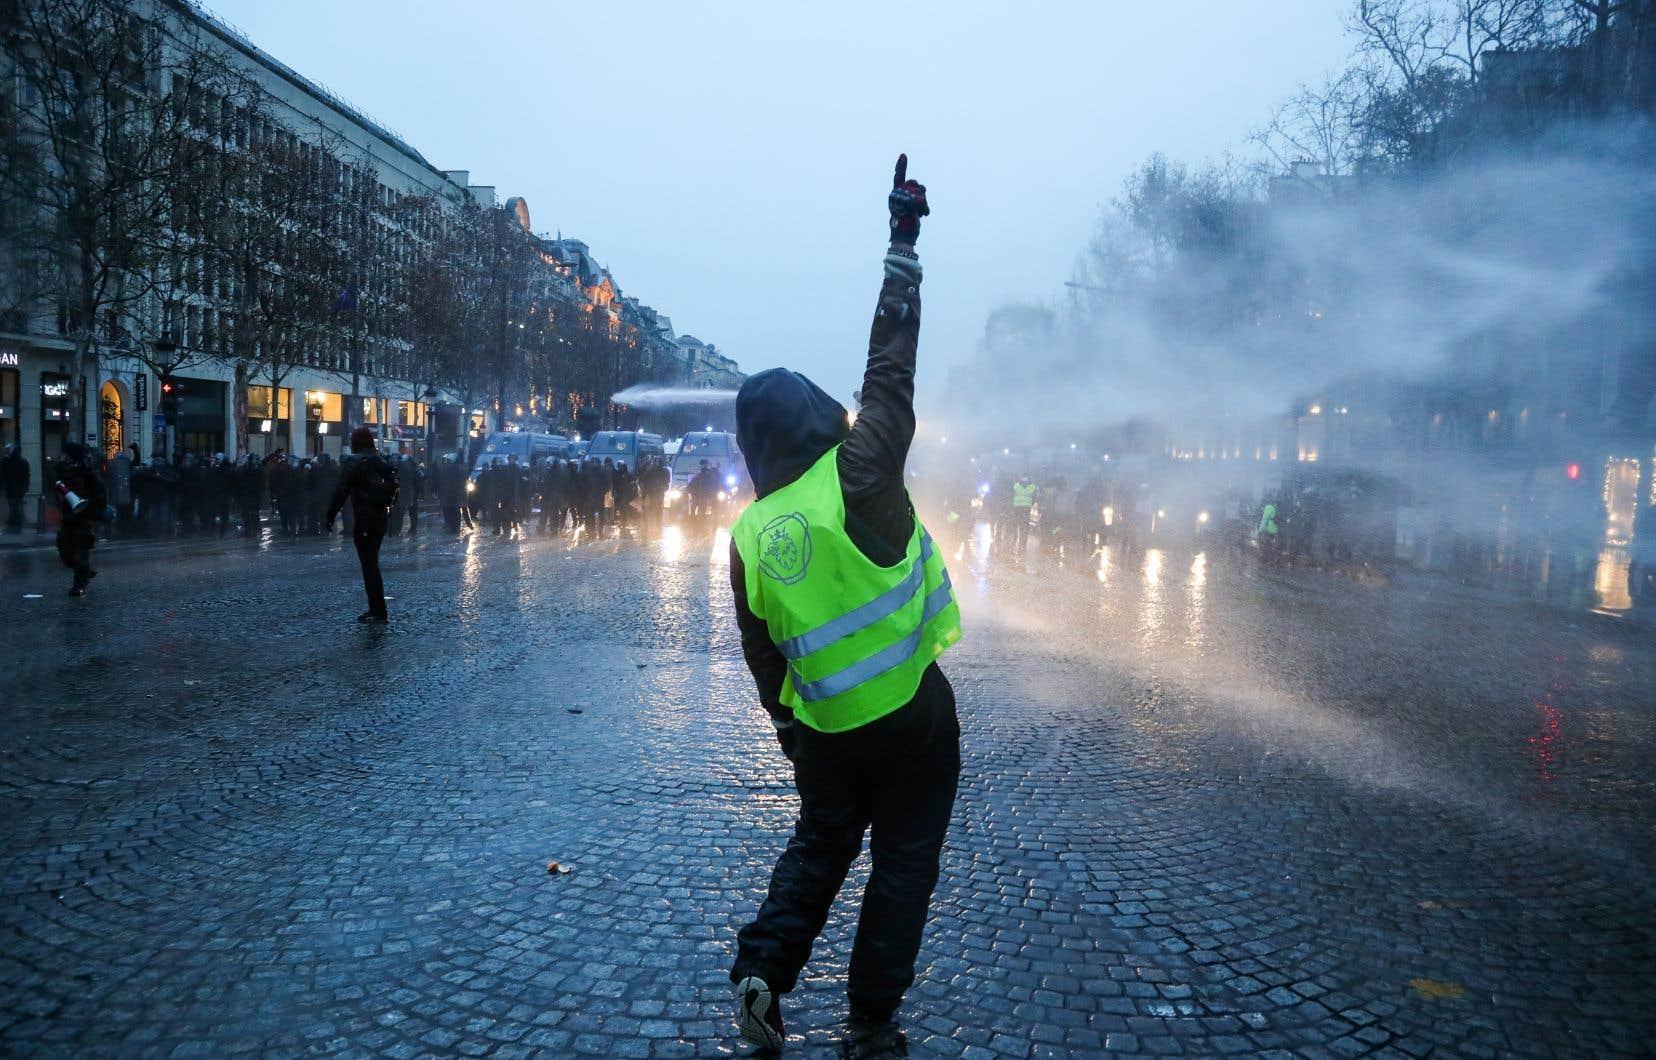 Une nette décrue des violences et de la mobilisation chez les «gilets jaunes» a été observée samedi.